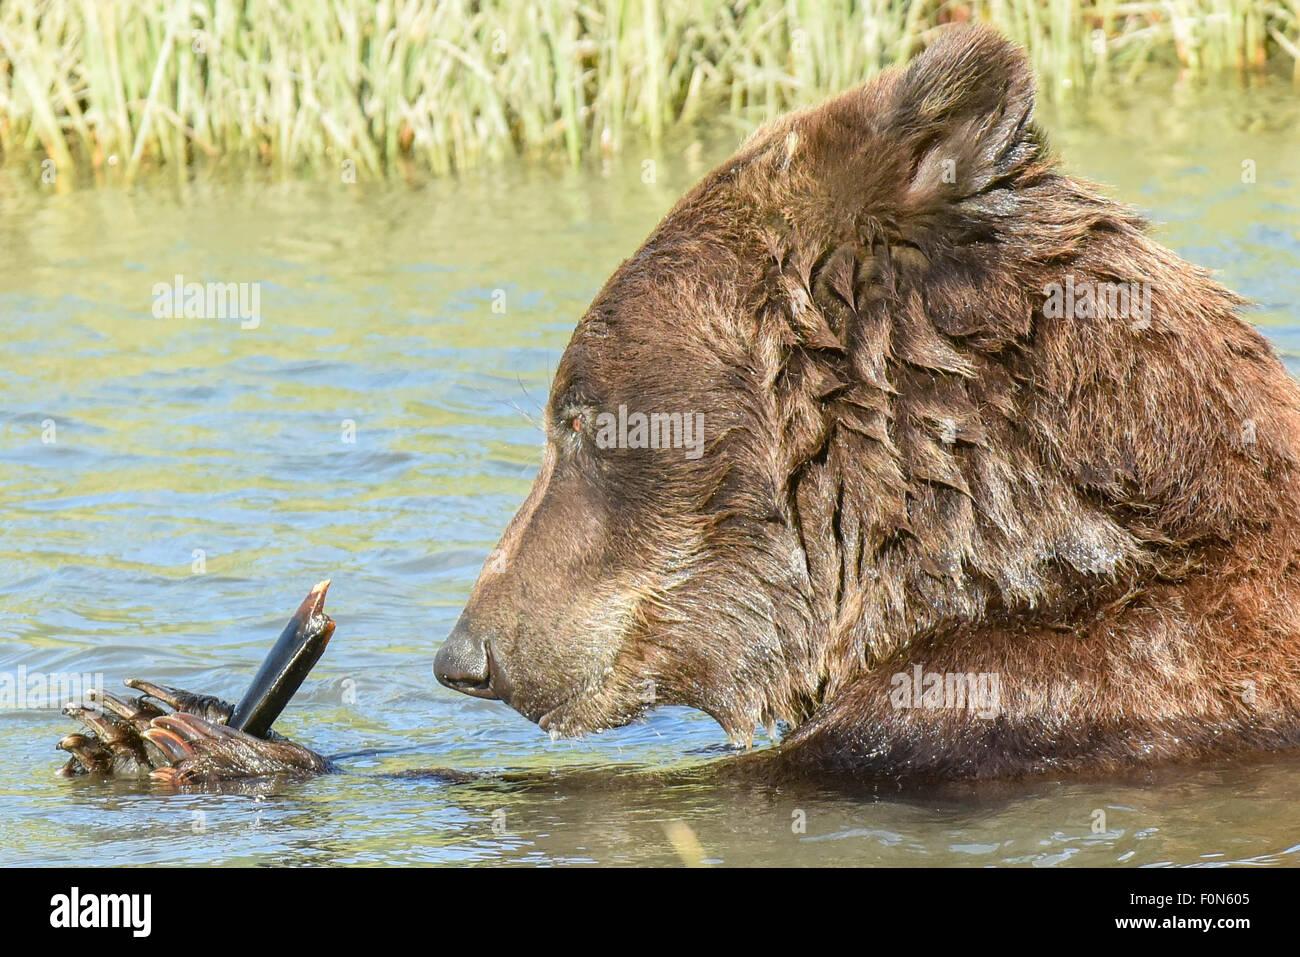 Un oso pardo húmedo / Grizzly Bear examina un hueso de tuétano mientras nadan en un arroyo cerca de Anchorage Imagen De Stock